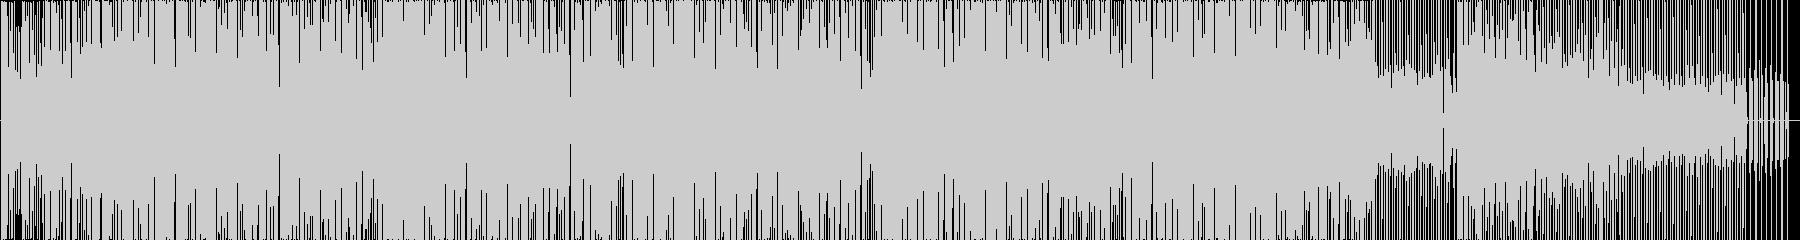 ハウス。シーケンサー。ランニング。...の未再生の波形